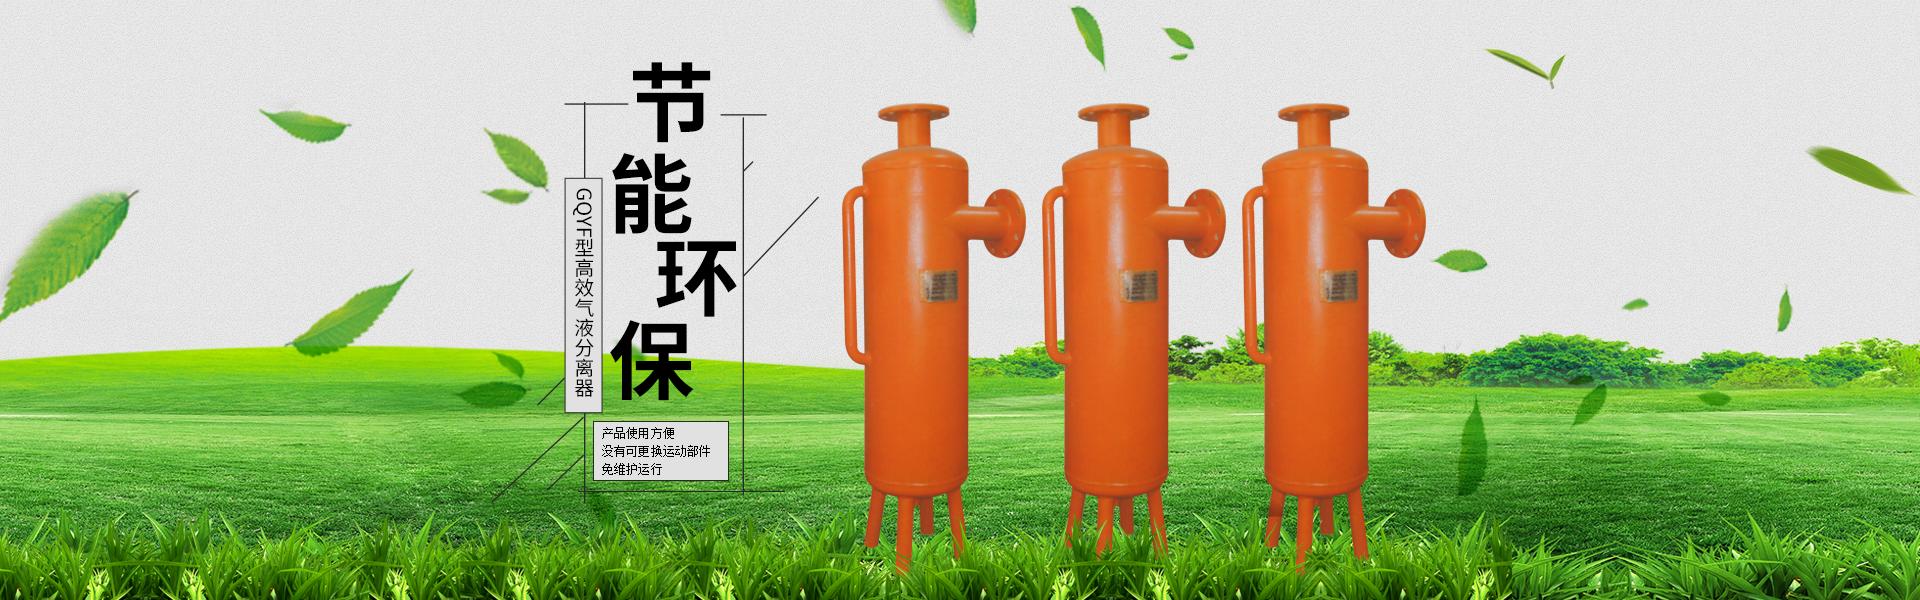 山东压力容器设备,乌洛托品设备厂家,山东甲醛设备,废机油处理设备